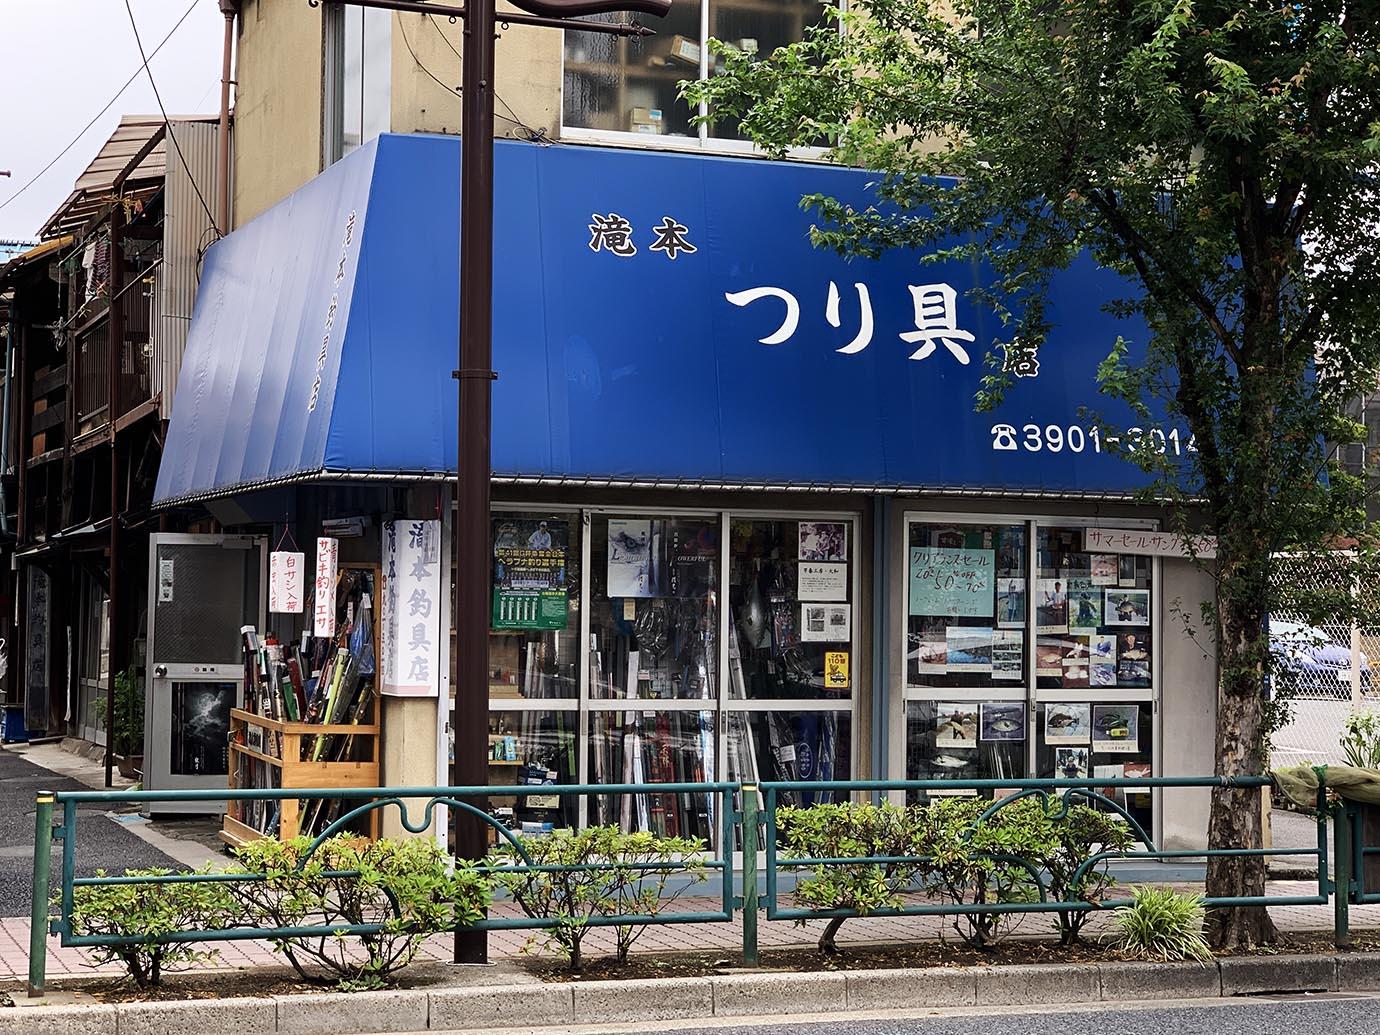 tenagaebi-arakawa-tsuri10